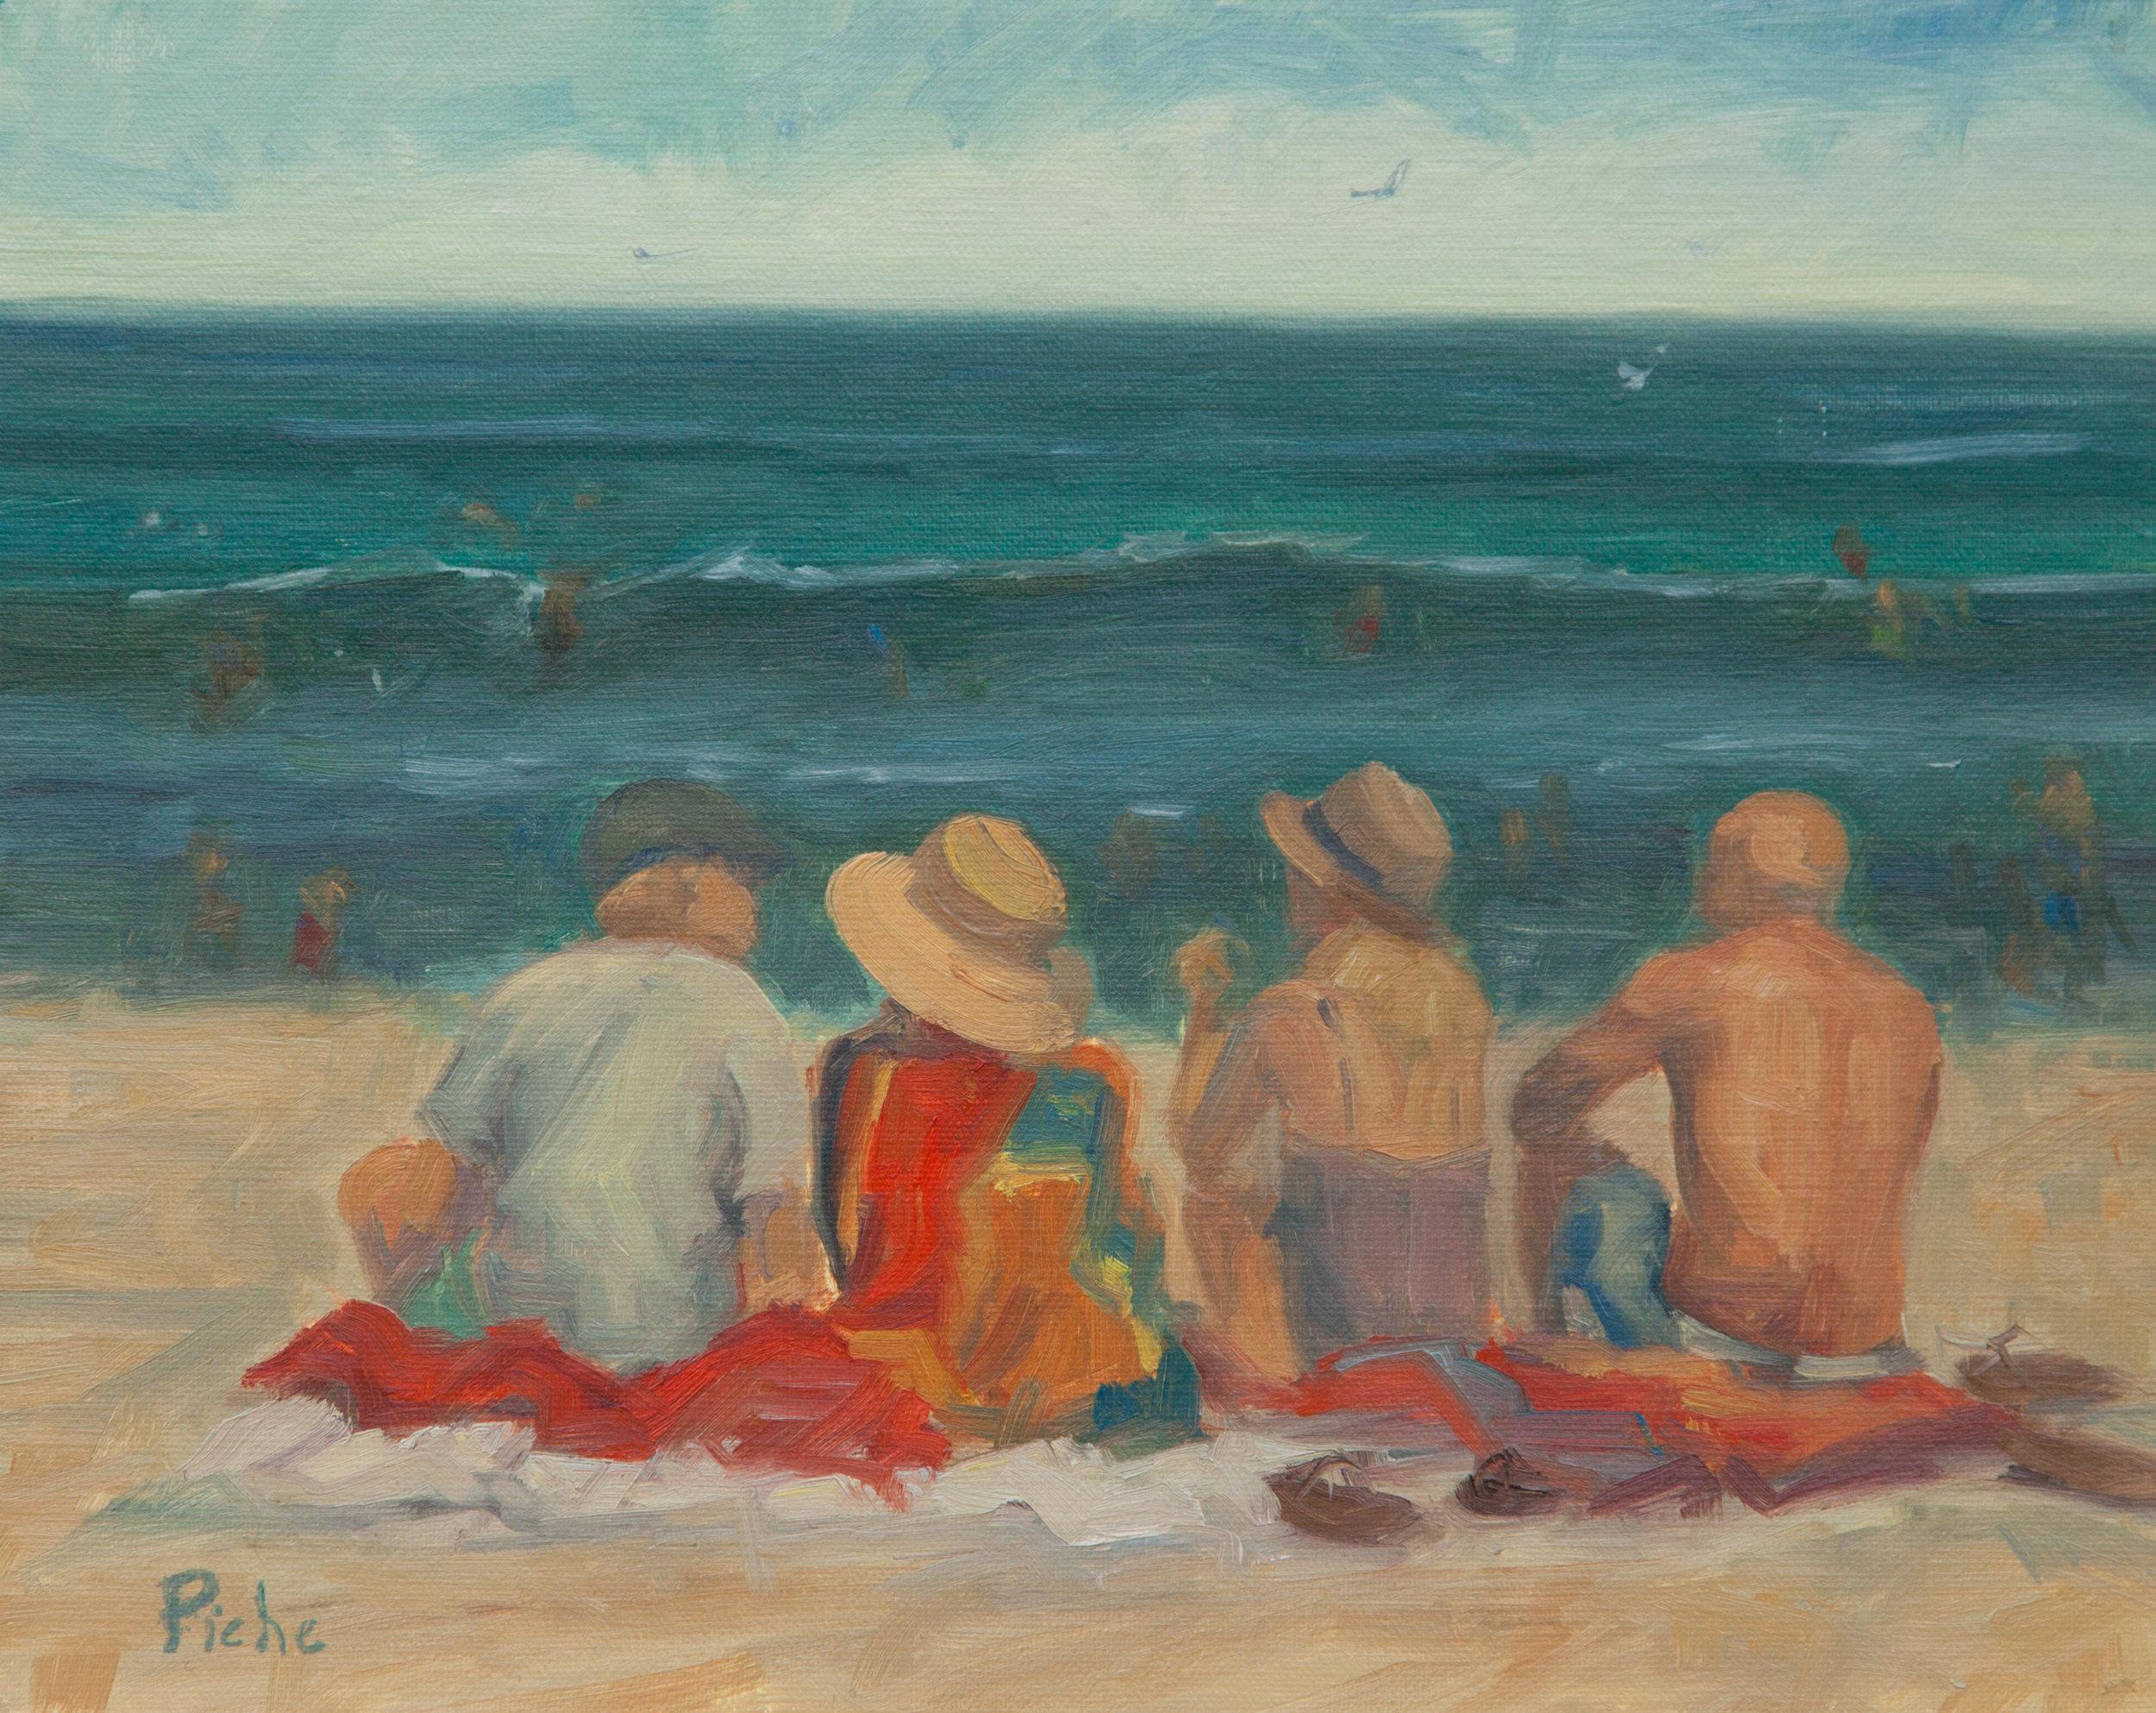 Beach Amigos